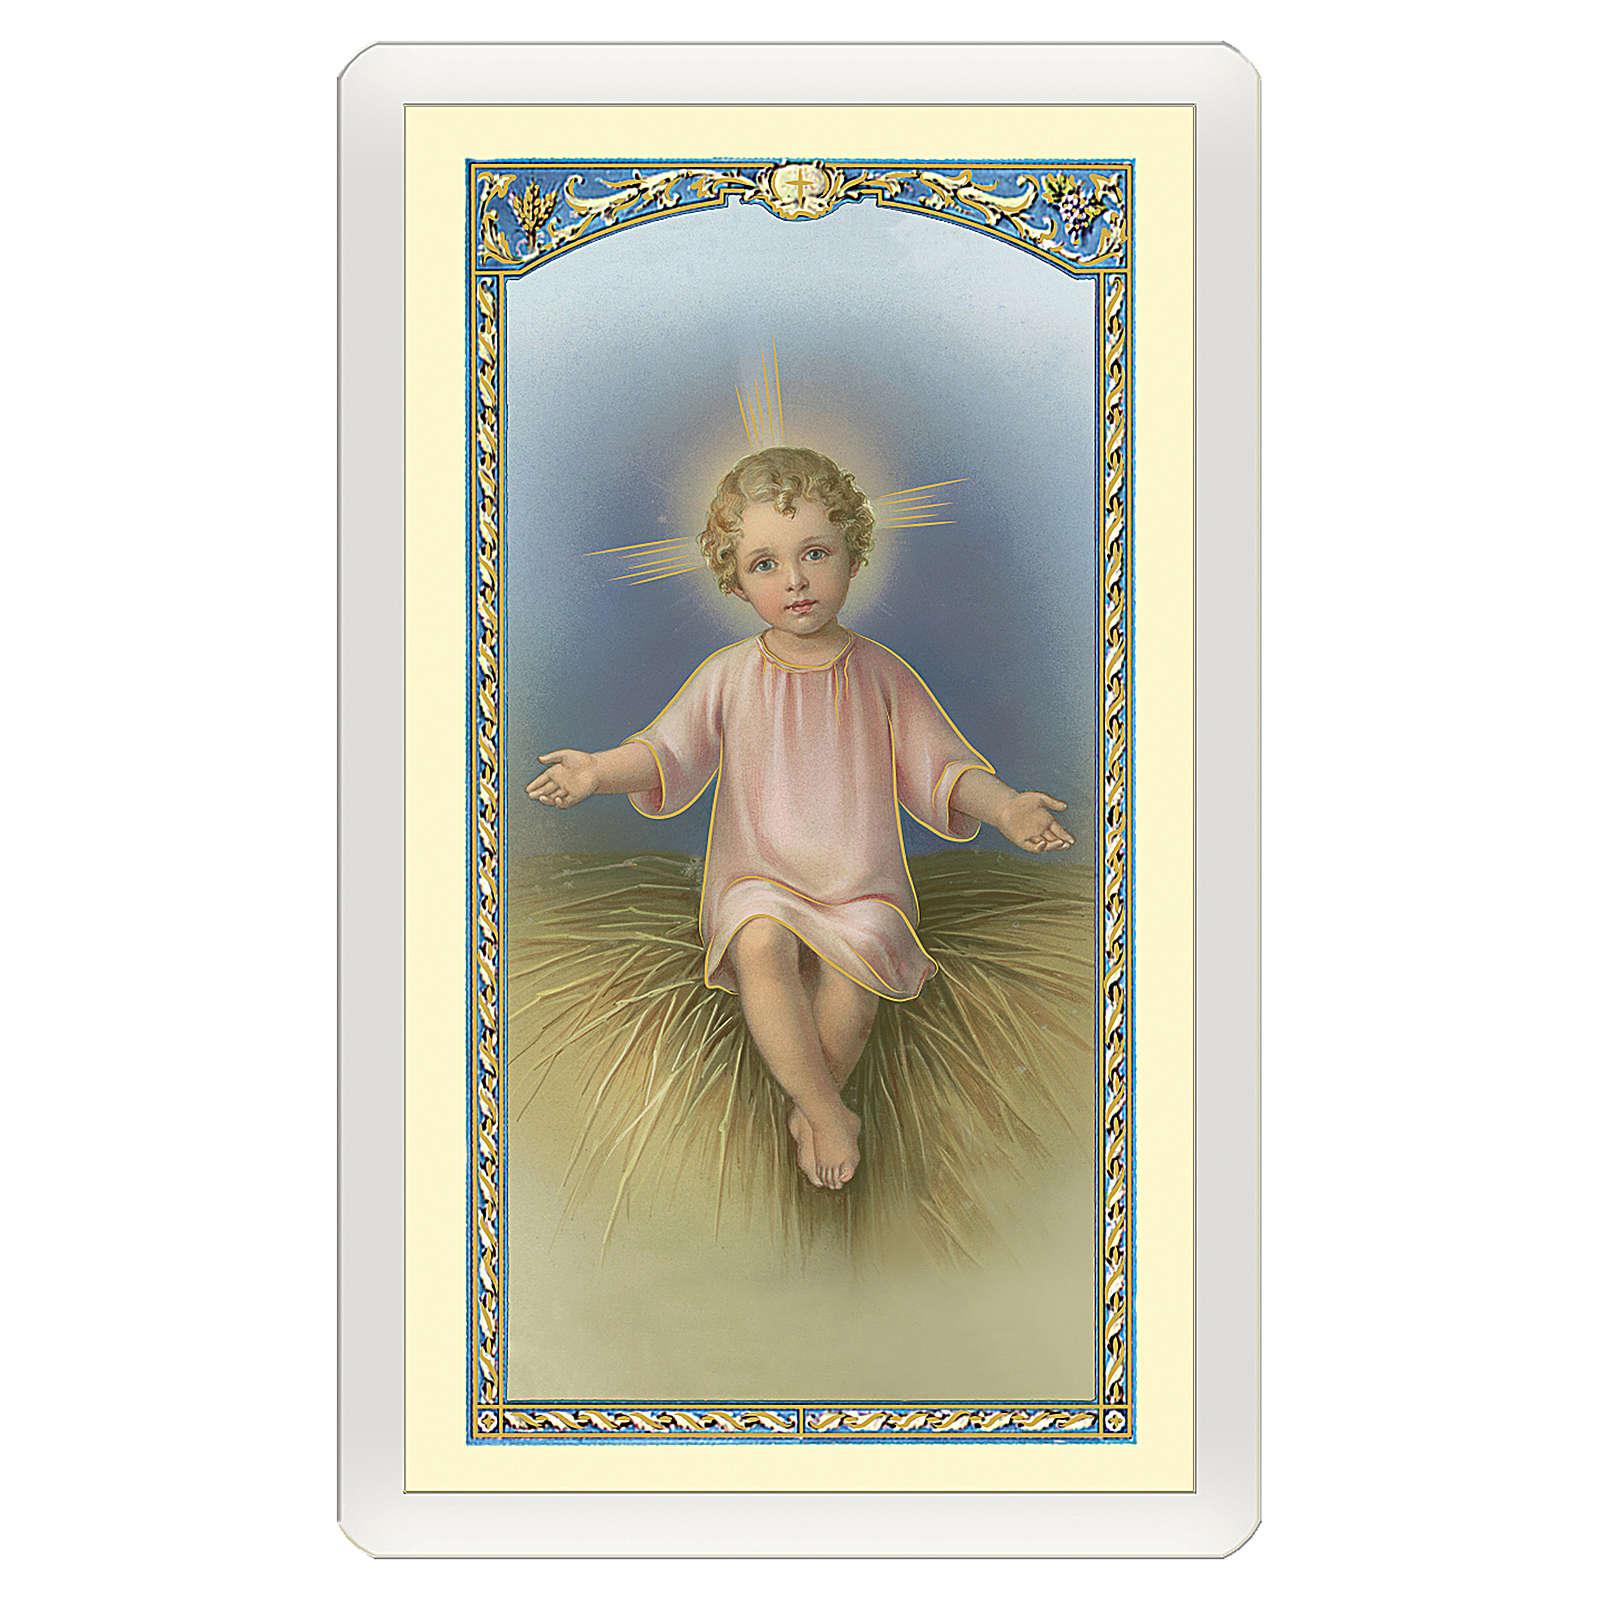 Image dévotion Enfant Jésus dans la mangeoire